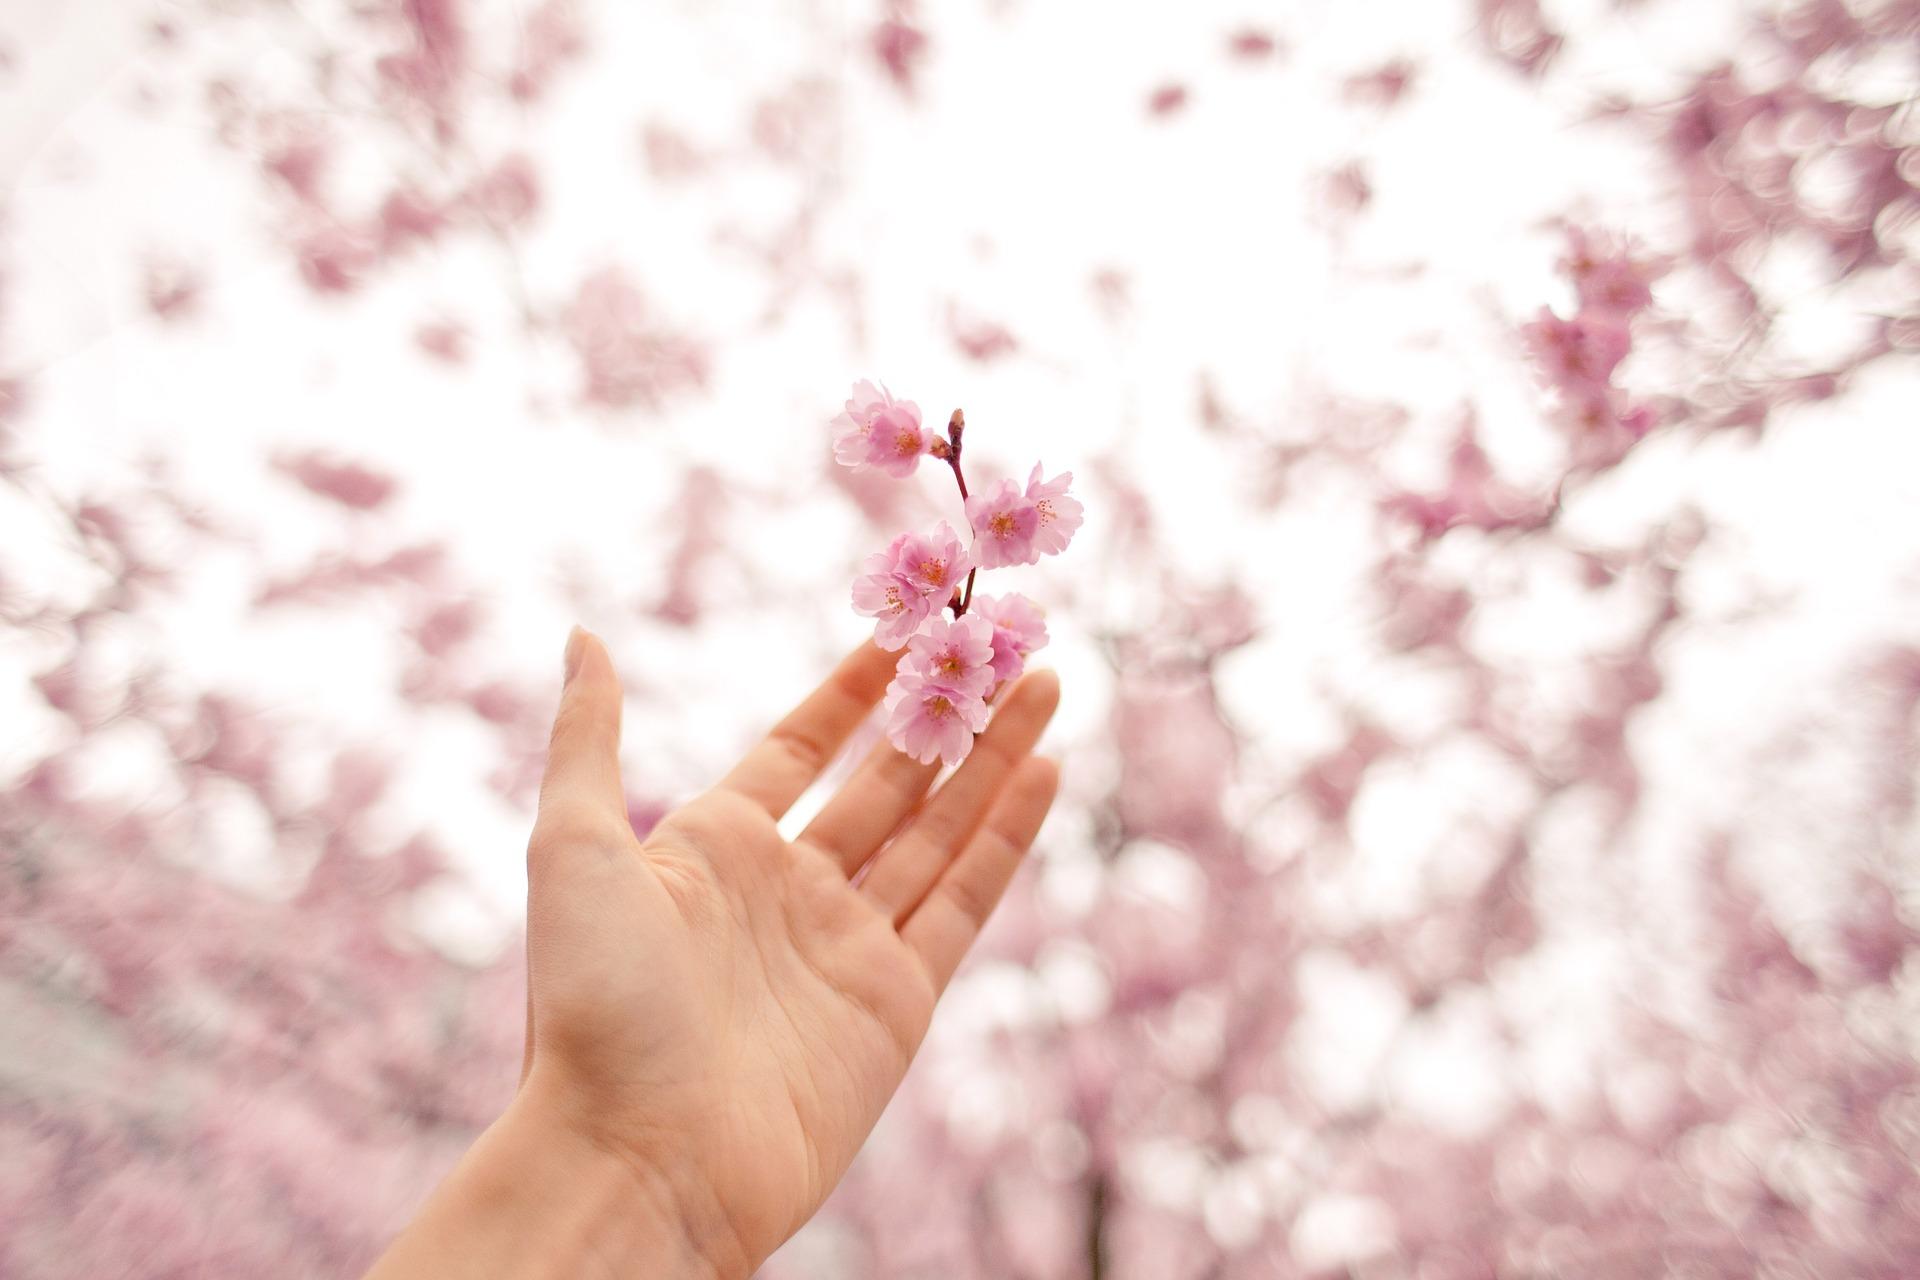 Se compi gesti di bellezza aumenta il tuo benessere